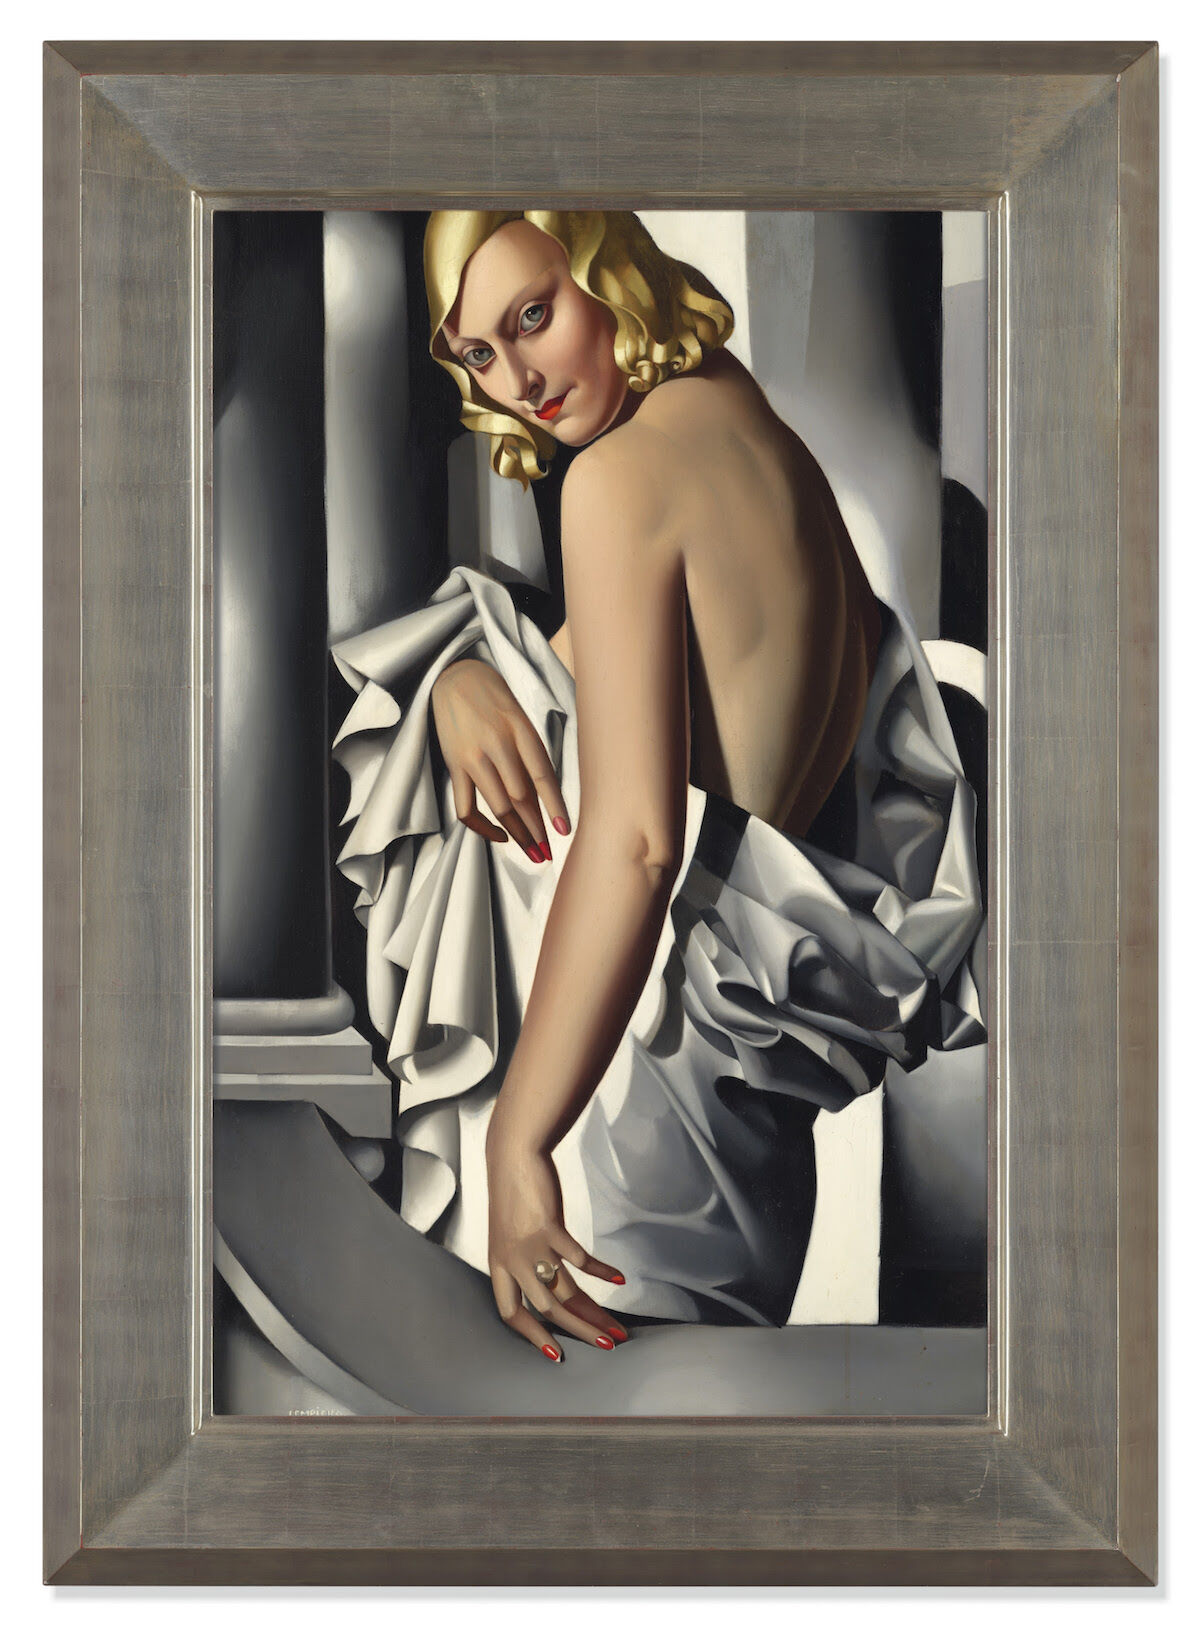 Tamara de Lempicka, Portrait de Marjorie Ferry, 1932. Sold for £16.2 million ($21.1 million). Courtesy Christie's Images Ltd.